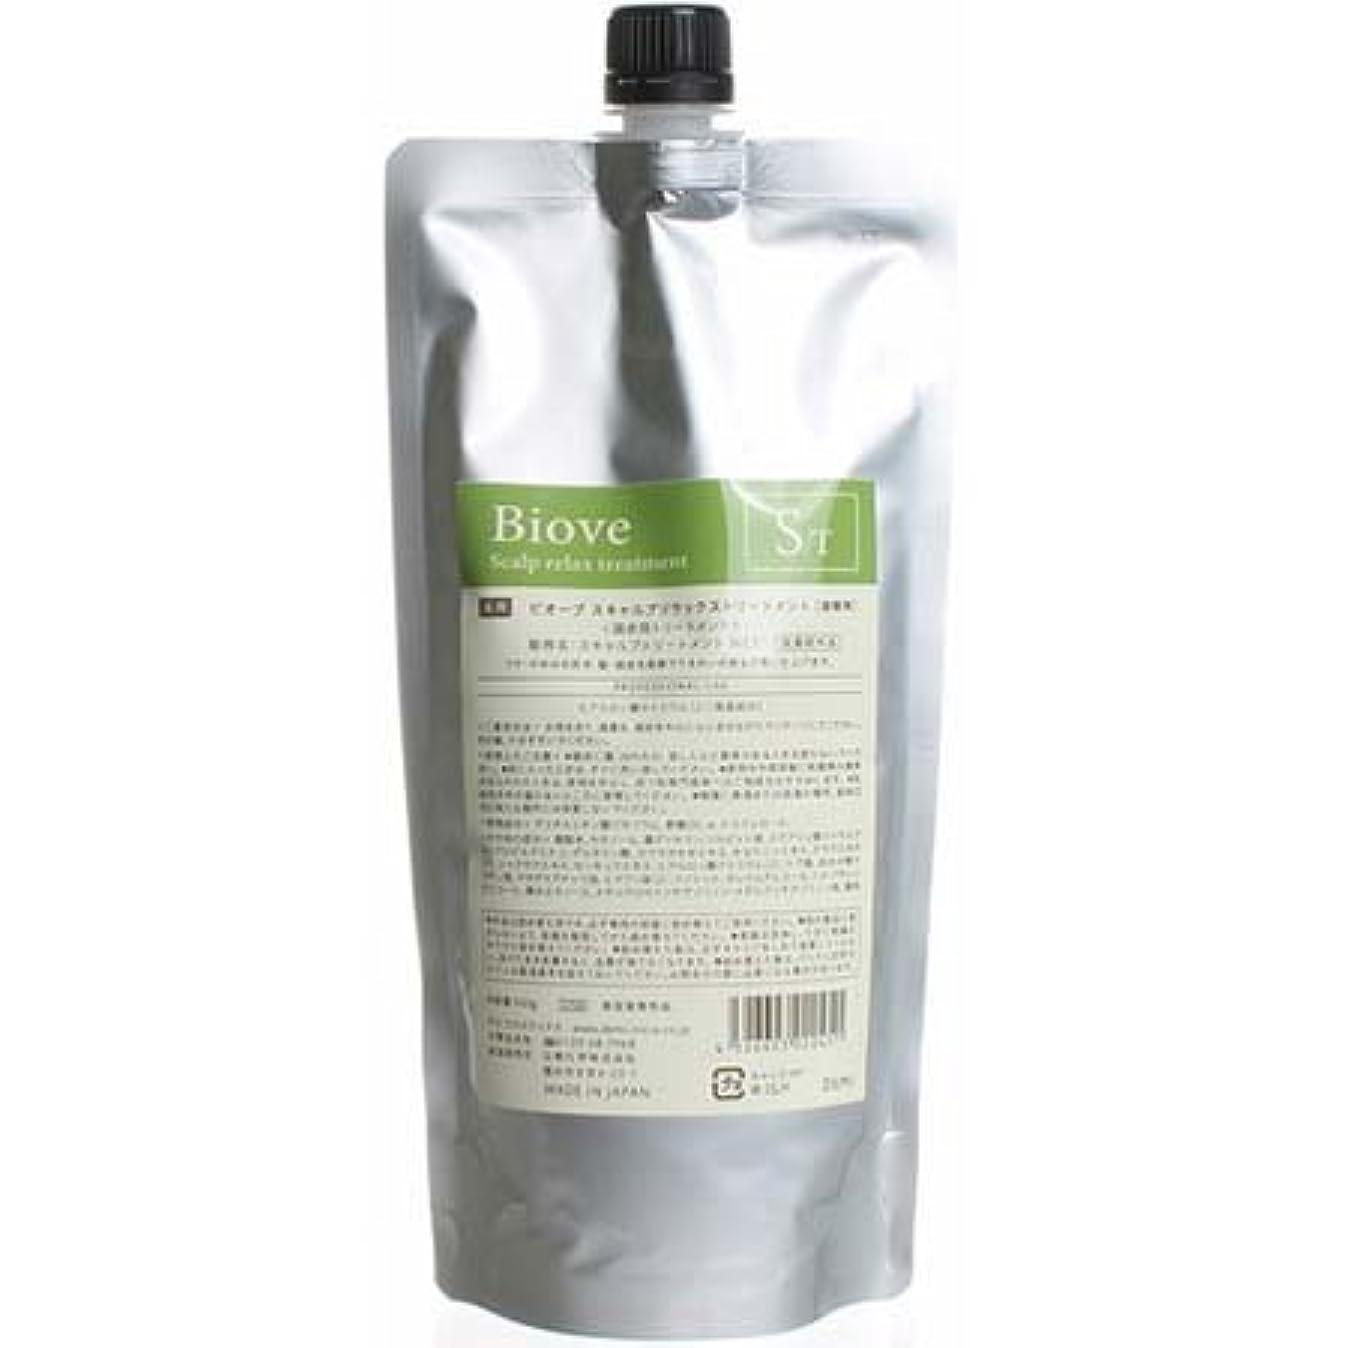 精度ワイプあごひげデミ〈ビオーブ〉スキャルプリラックス トリートメント[医薬部外品] 詰替用450g